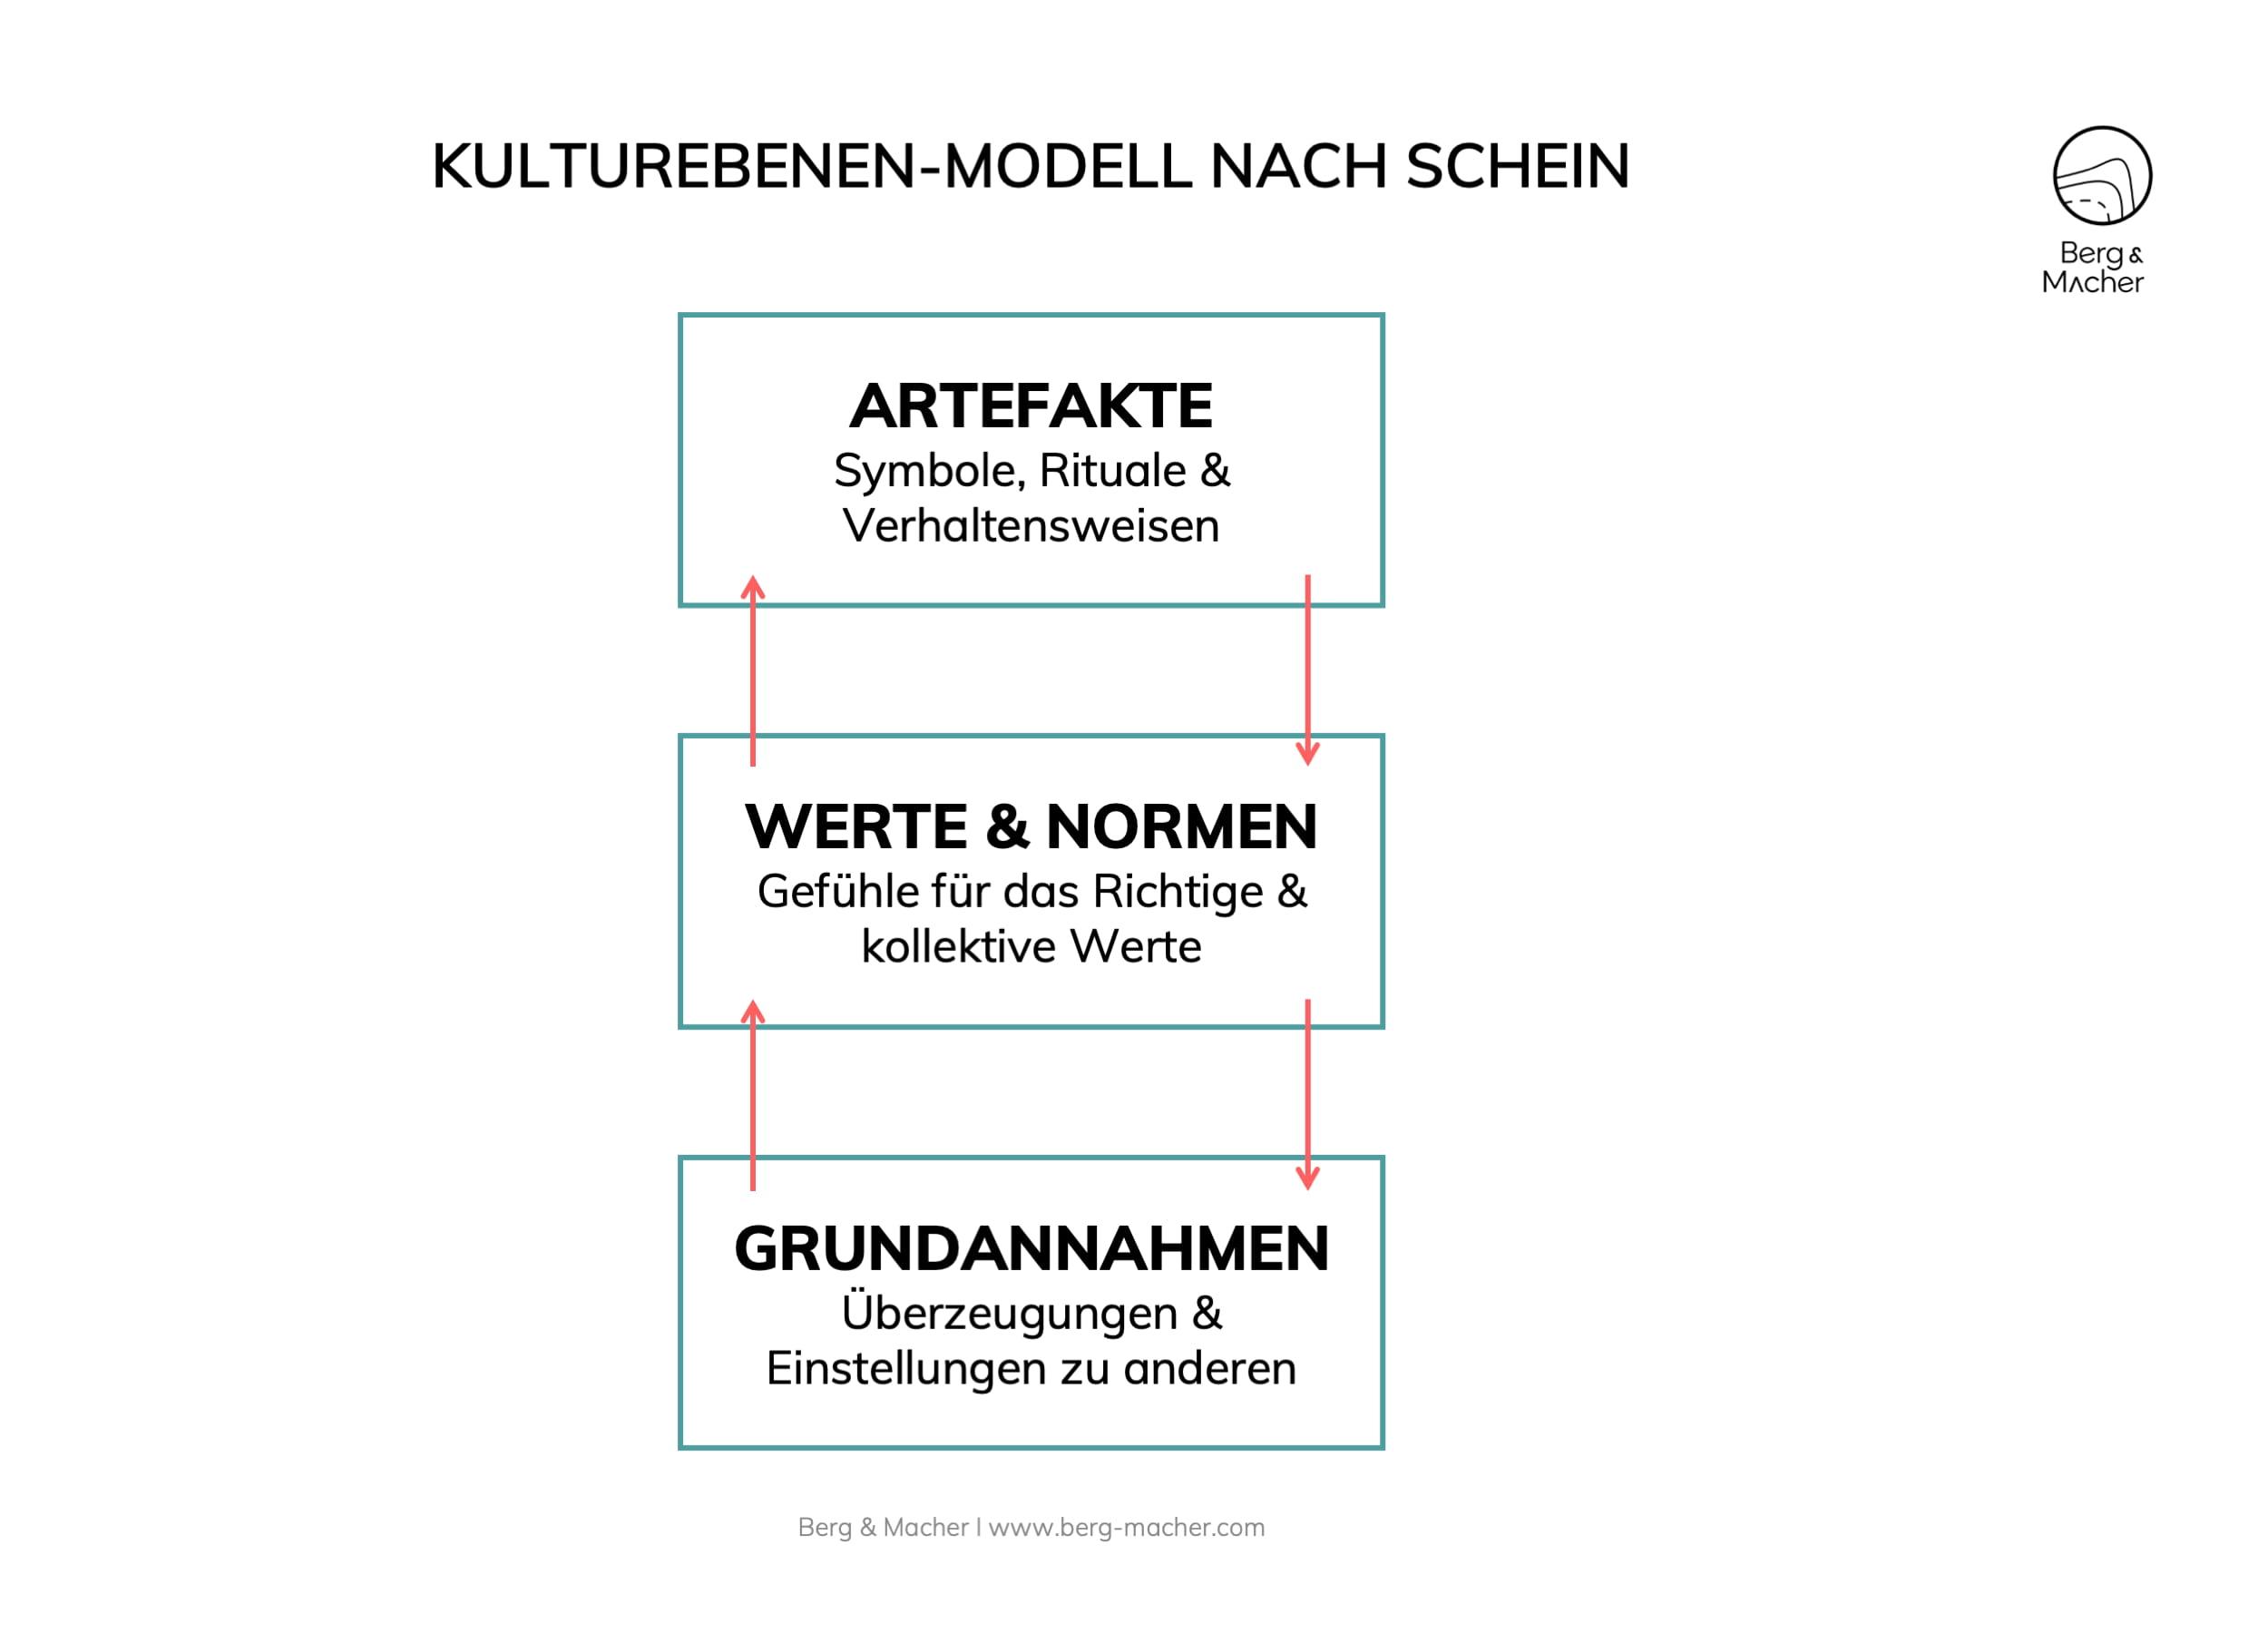 Warum Unternehmenskultur wichtig: Kulturebenen-Modell Schein